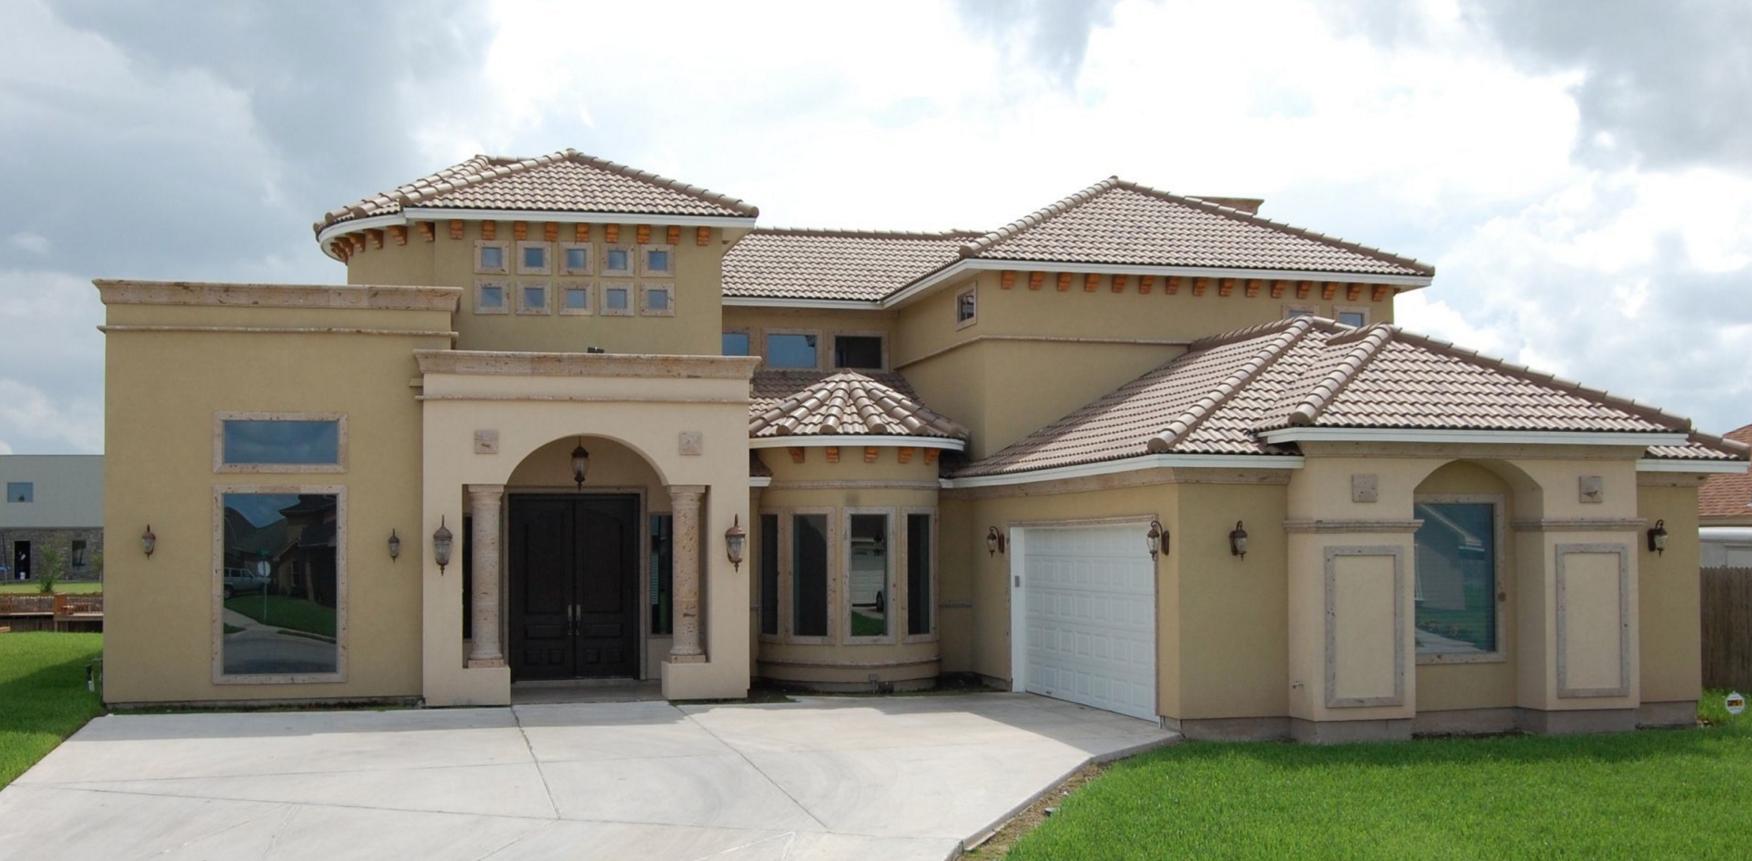 JESLEA HOUSE | BROWNSVILLE, TX